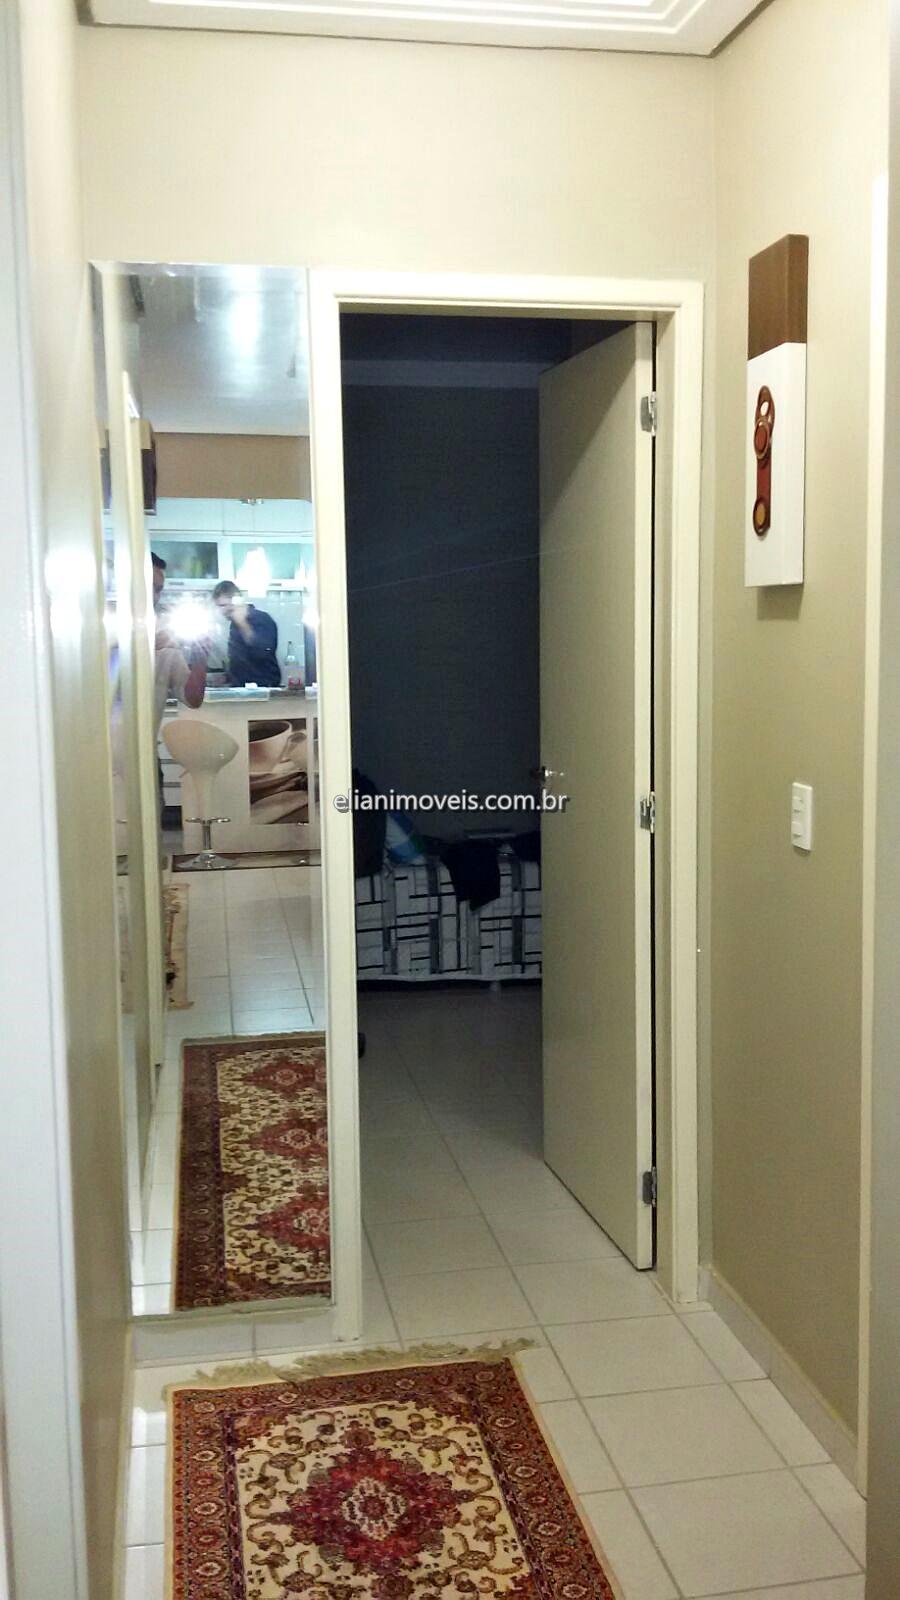 Apartamento  com 3 quartos sendo 1 Suíte no Porto, Cuiabá  - MT